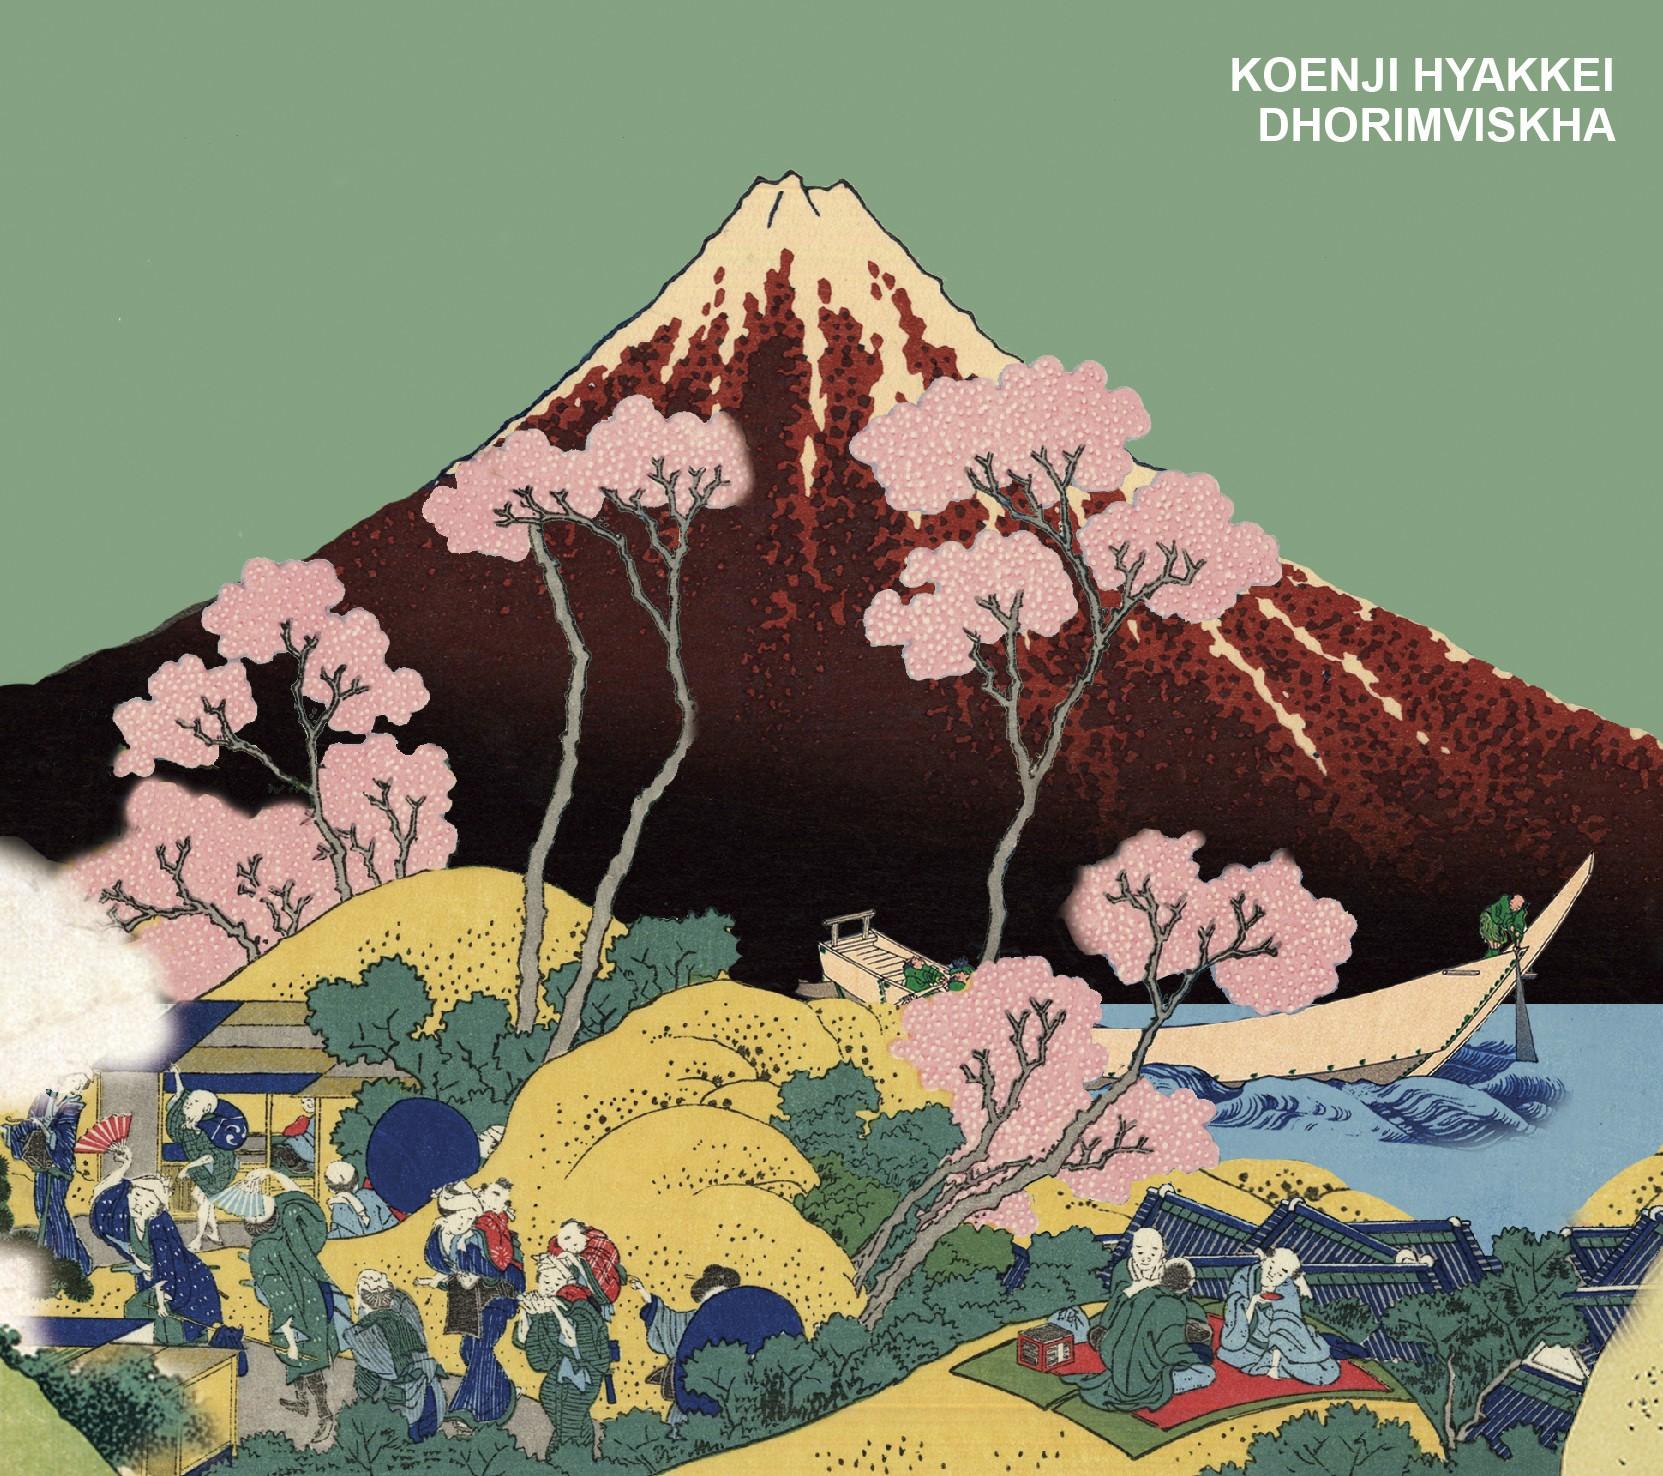 高円寺百景 (Koenji Hyakkei) – Dhorimviskha [FLAC + MP3 320 / WEB] [2018.07.11]